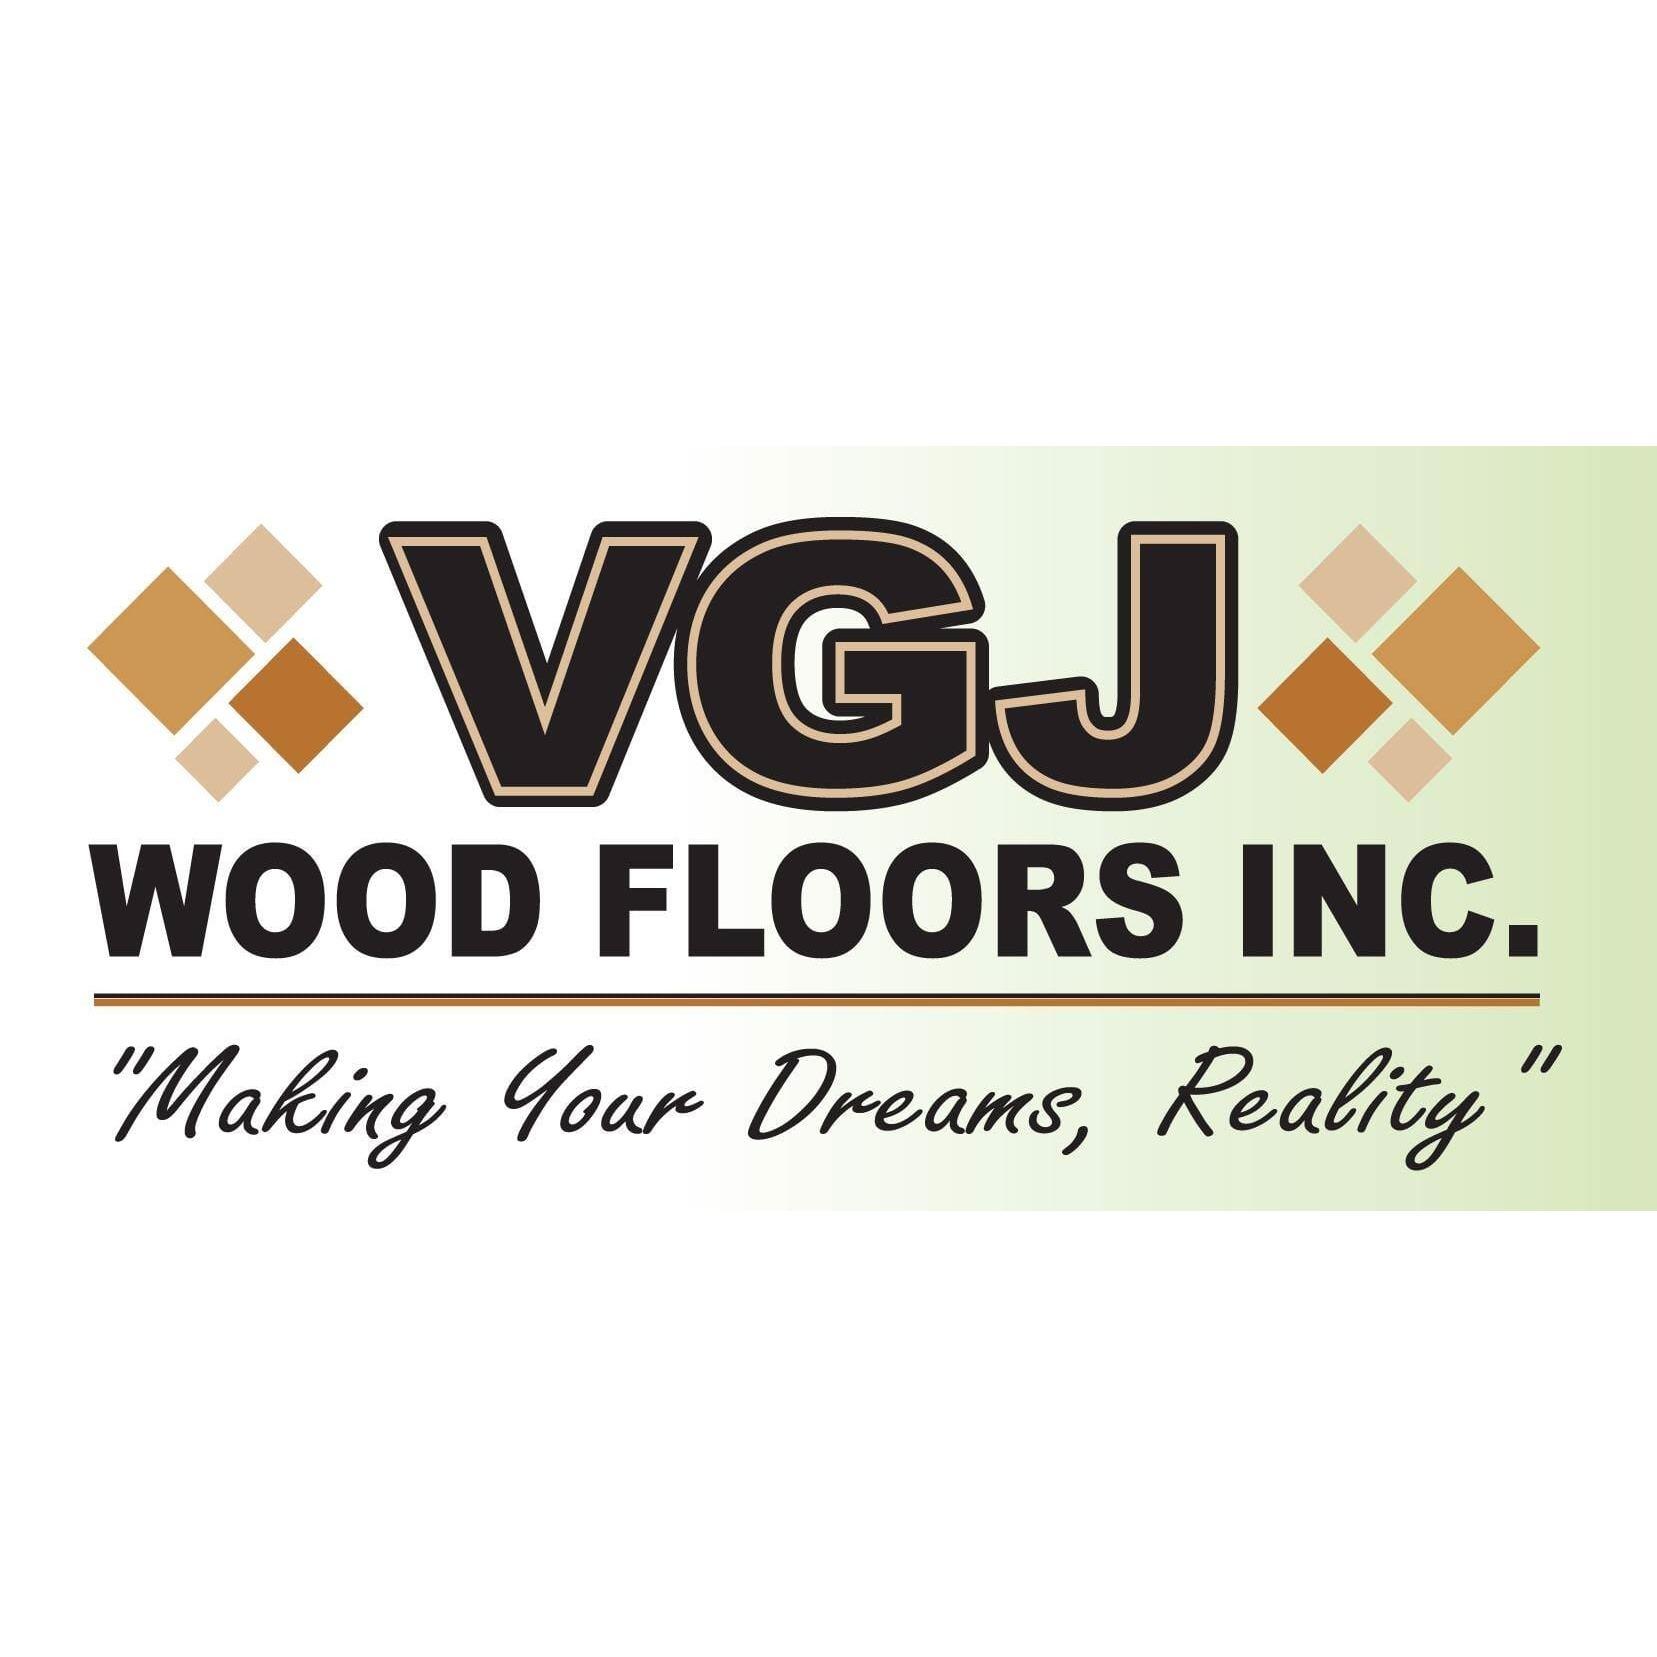 VGJ Floors